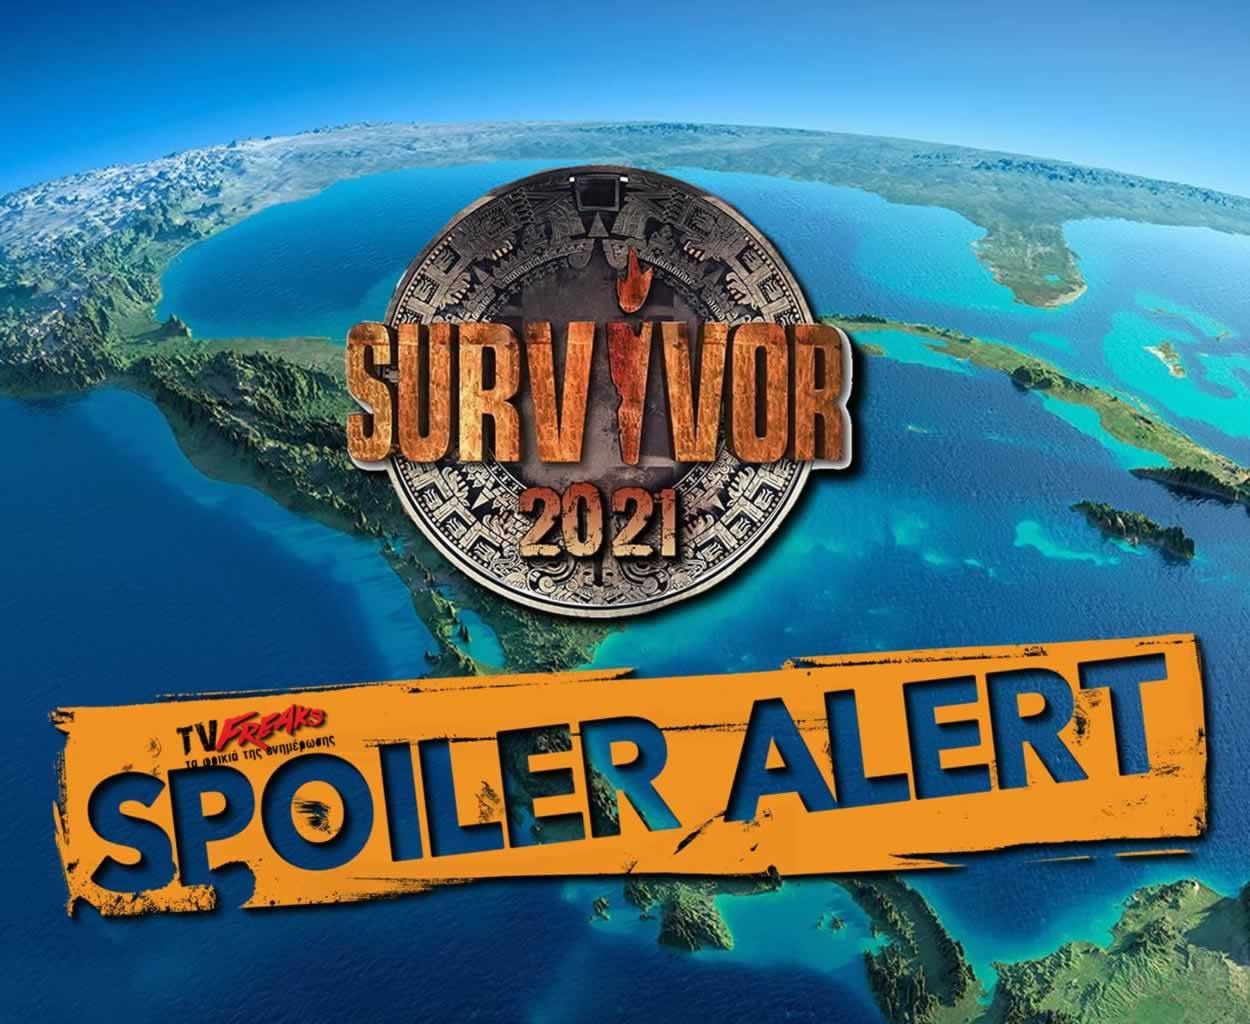 Survivor, Survivor 2021, Survivor 4, SURVIVOR GREECE, SURVIVOR GREECE 2021, Survivor Spoiler, Survivor spoiler 4/2,Survivor Spoiler 4/2,Survivor διαρροή 4/2, Survivor ασυλία, survivor διαρροή 4/2, ειδησεις, ειδήσεις σημερα